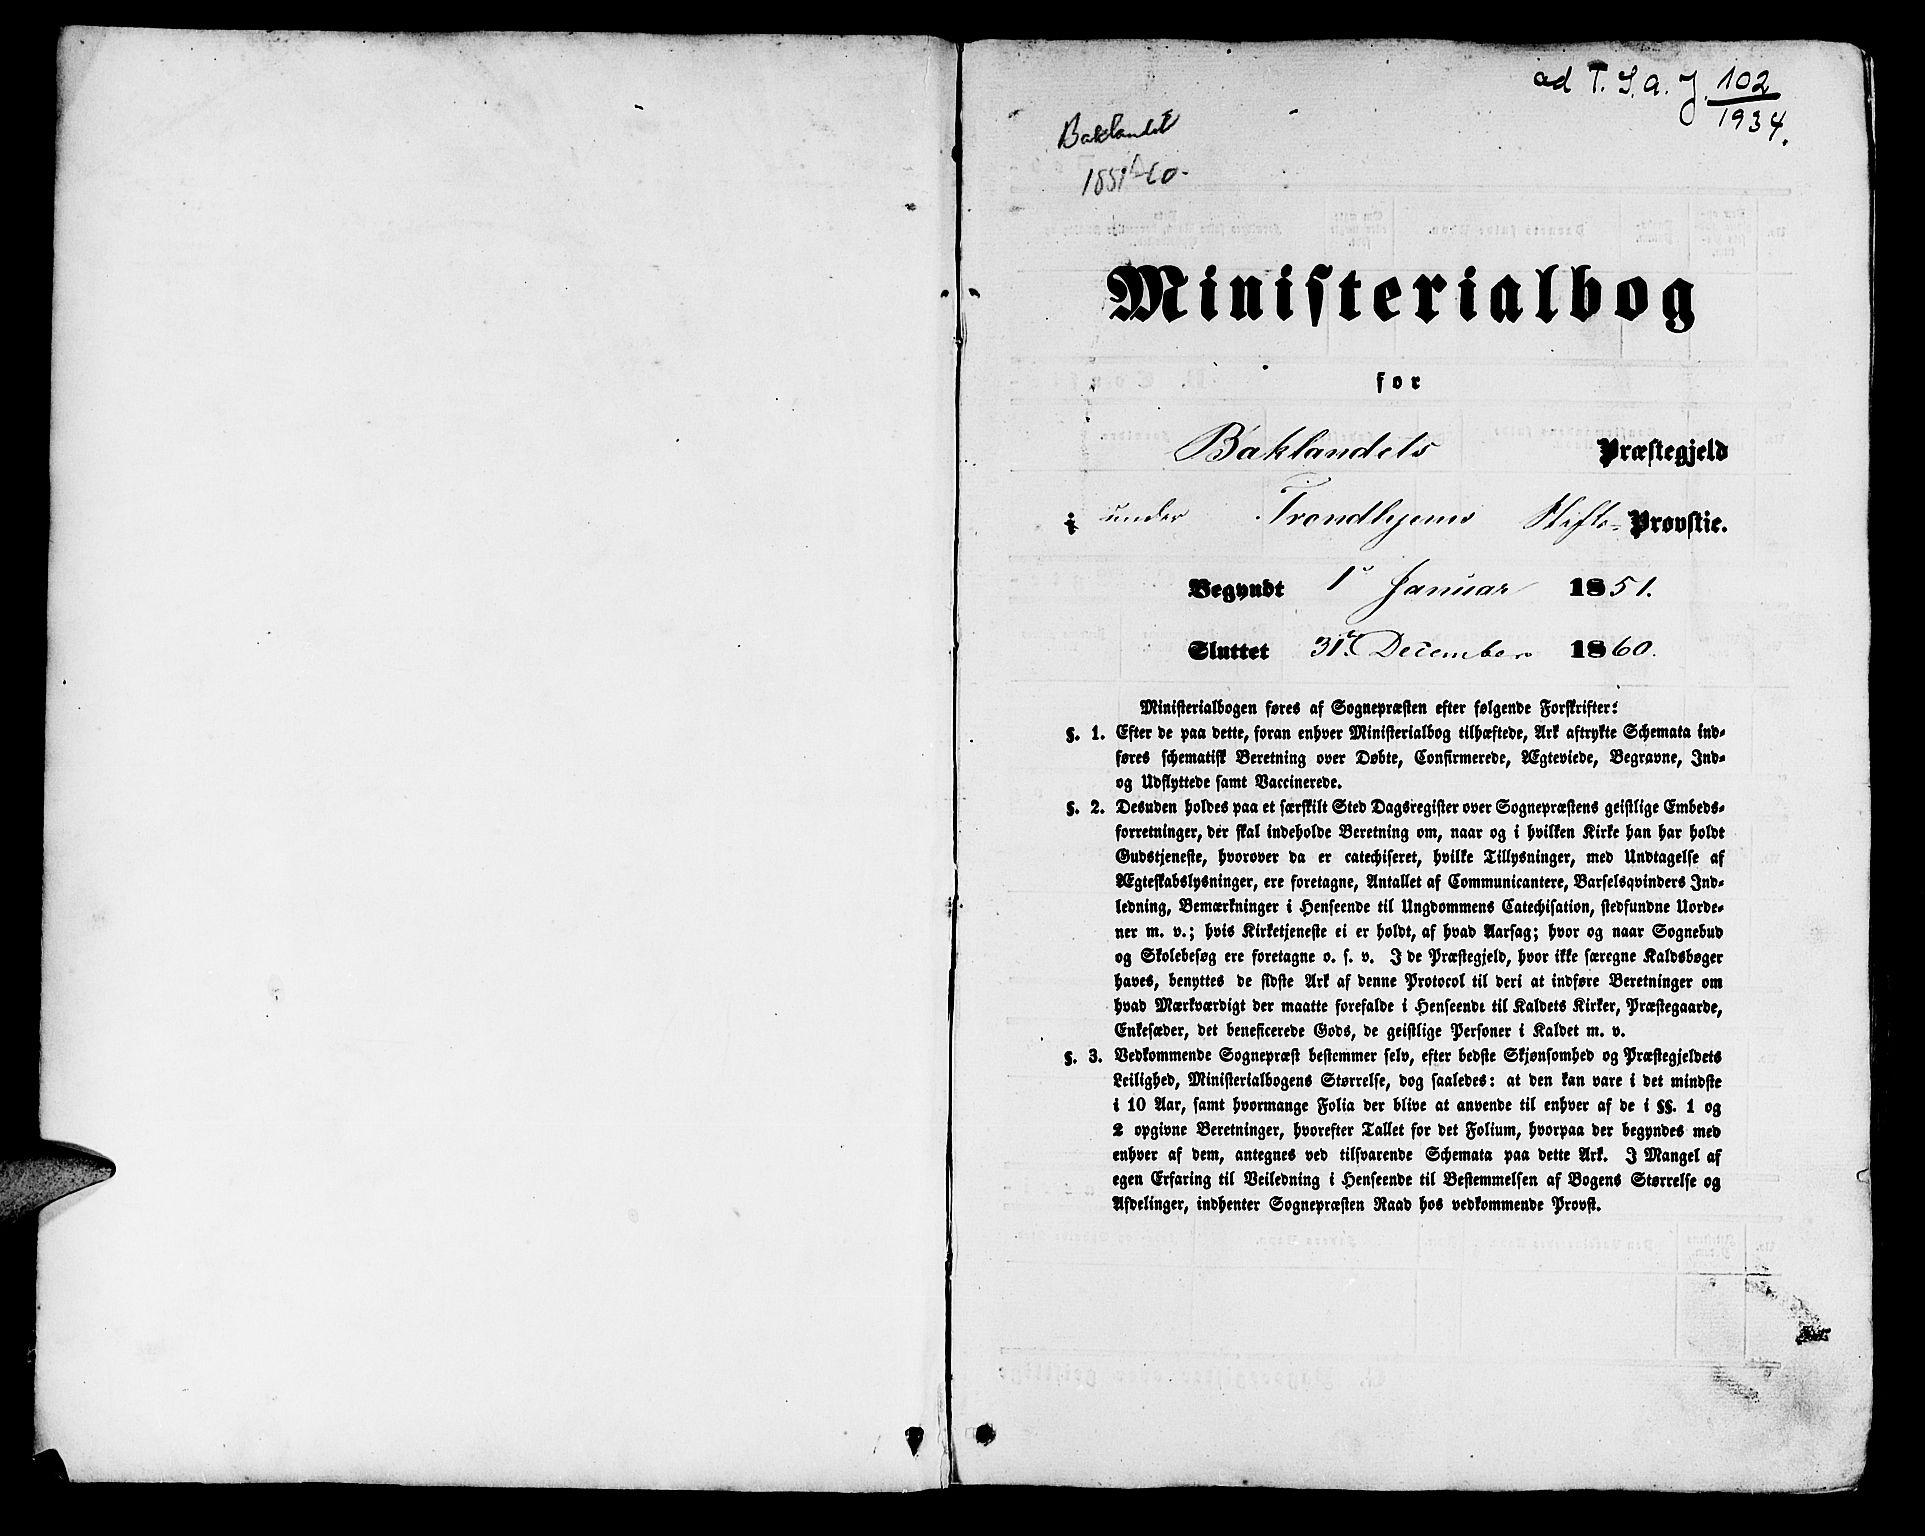 SAT, Ministerialprotokoller, klokkerbøker og fødselsregistre - Sør-Trøndelag, 604/L0184: Ministerialbok nr. 604A05, 1851-1860